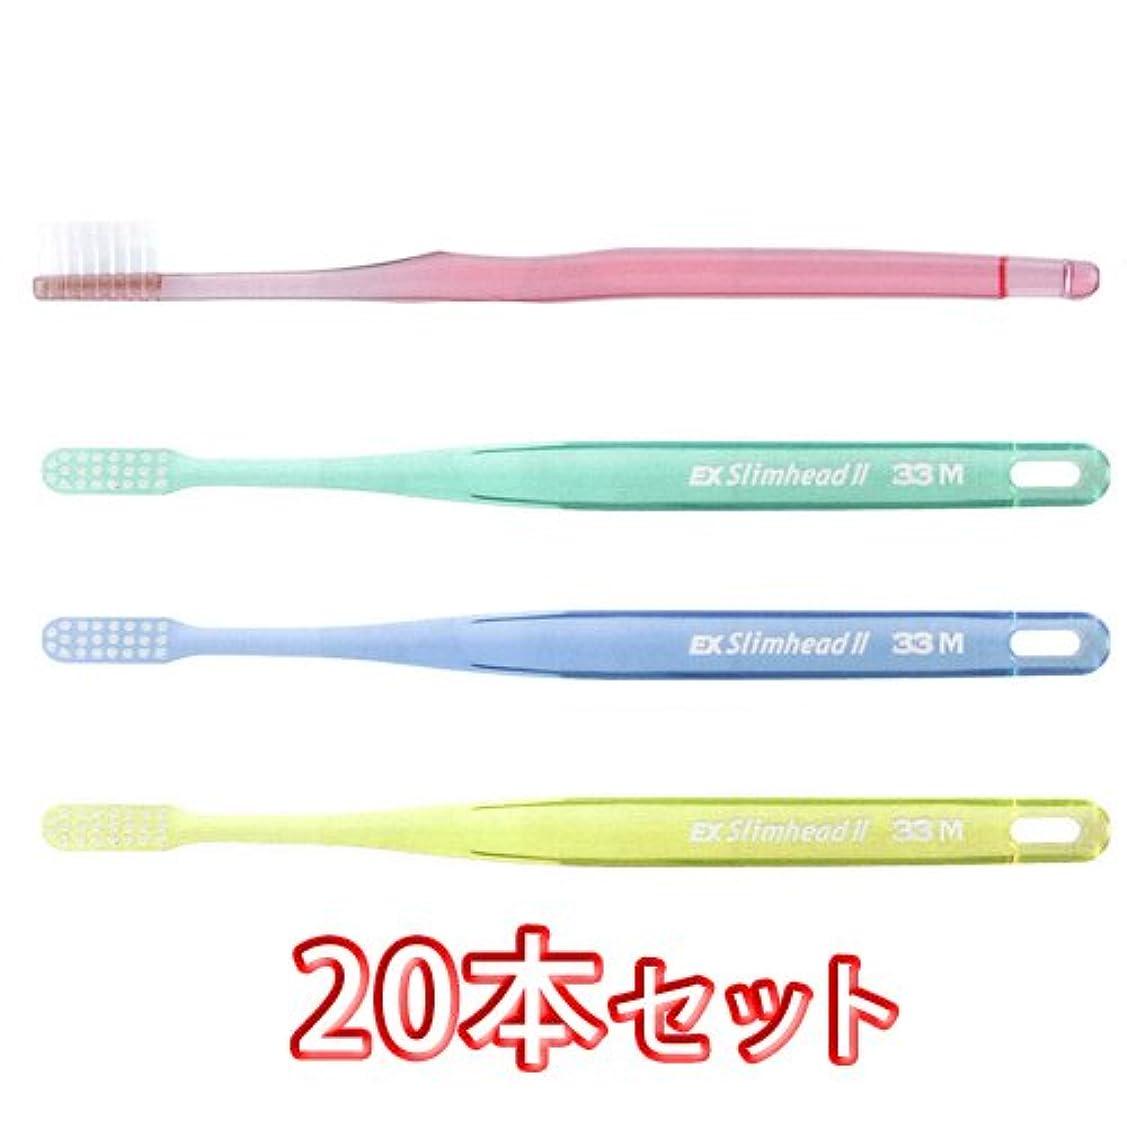 野心的カバレッジボルトライオン スリムヘッド2 歯ブラシ DENT . EX Slimhead2 20本入 (33M)